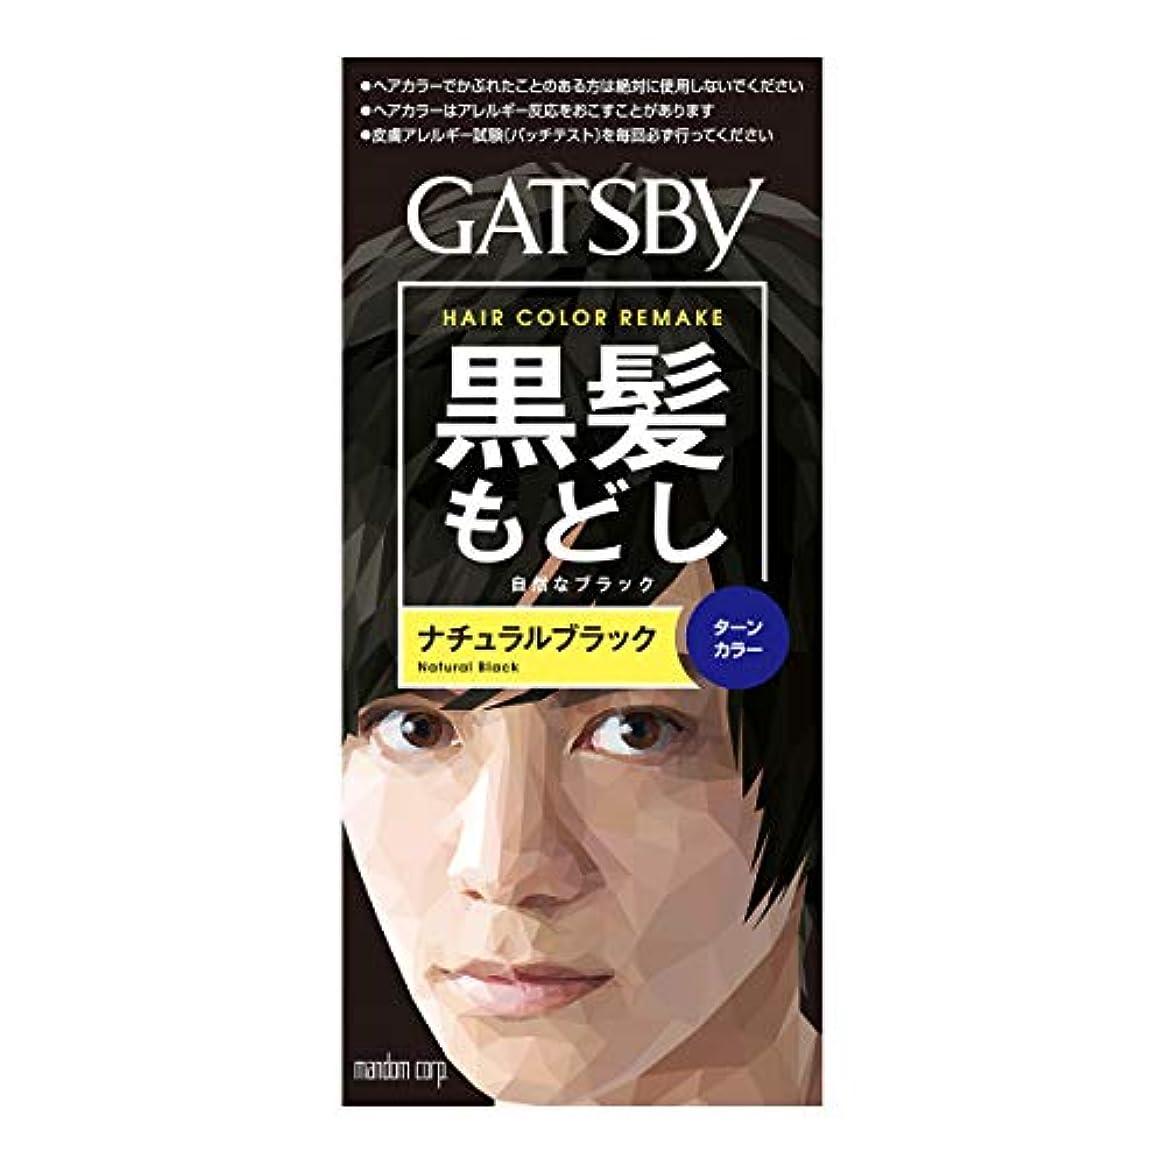 豊富契約する未来GATSBY(ギャツビー) ターンカラー ナチュラルブラック 1剤35g 2剤70mL (医薬部外品)